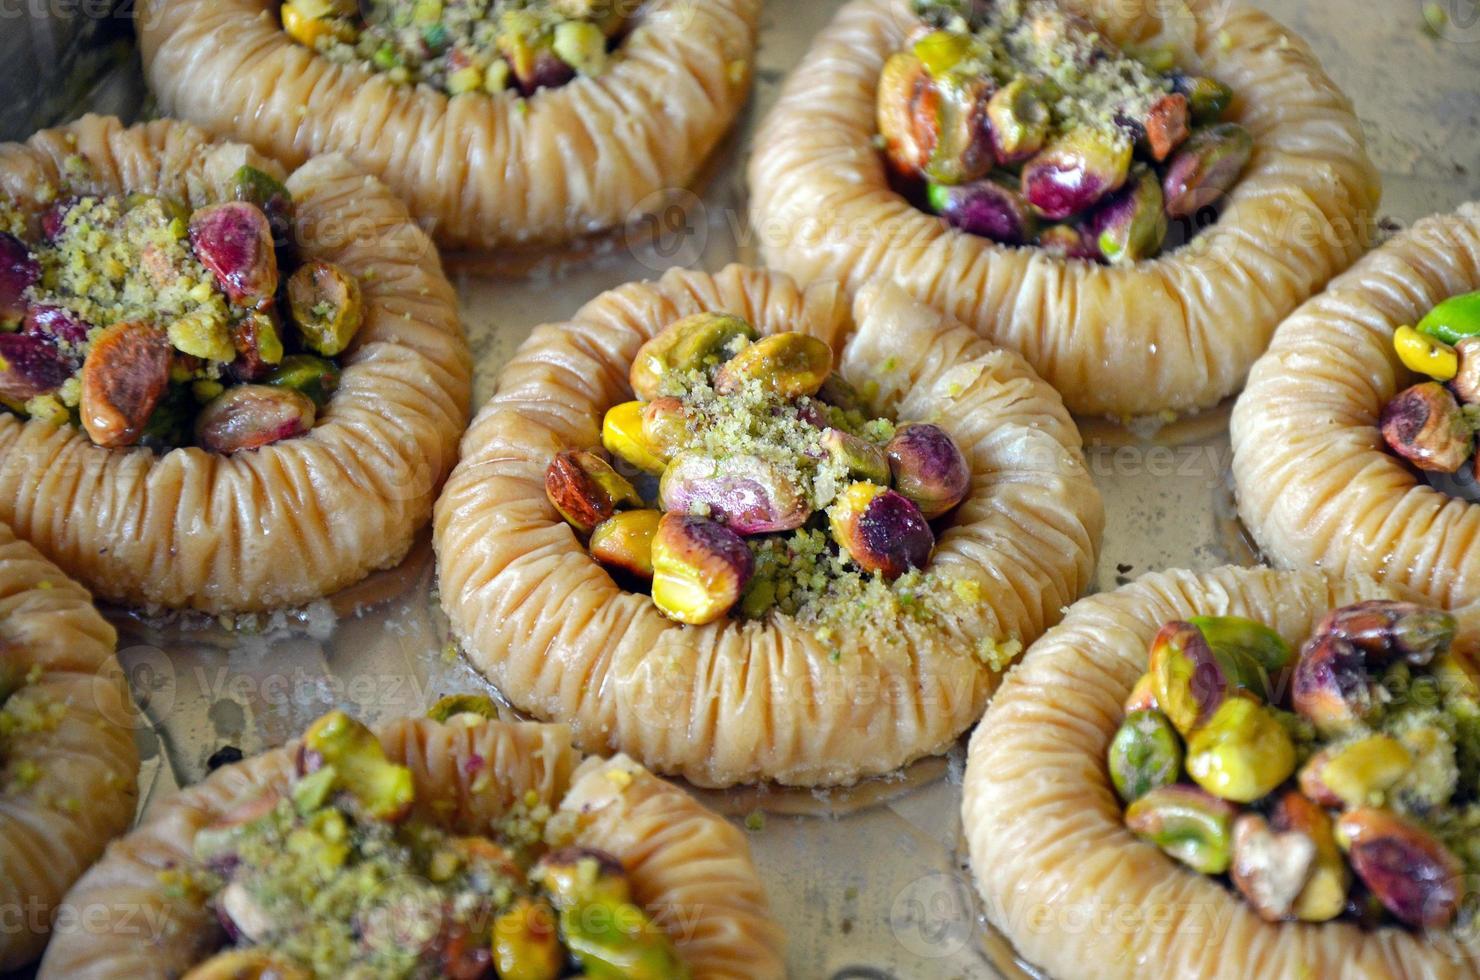 frisch zubereitetes Baklava-Gebäck foto